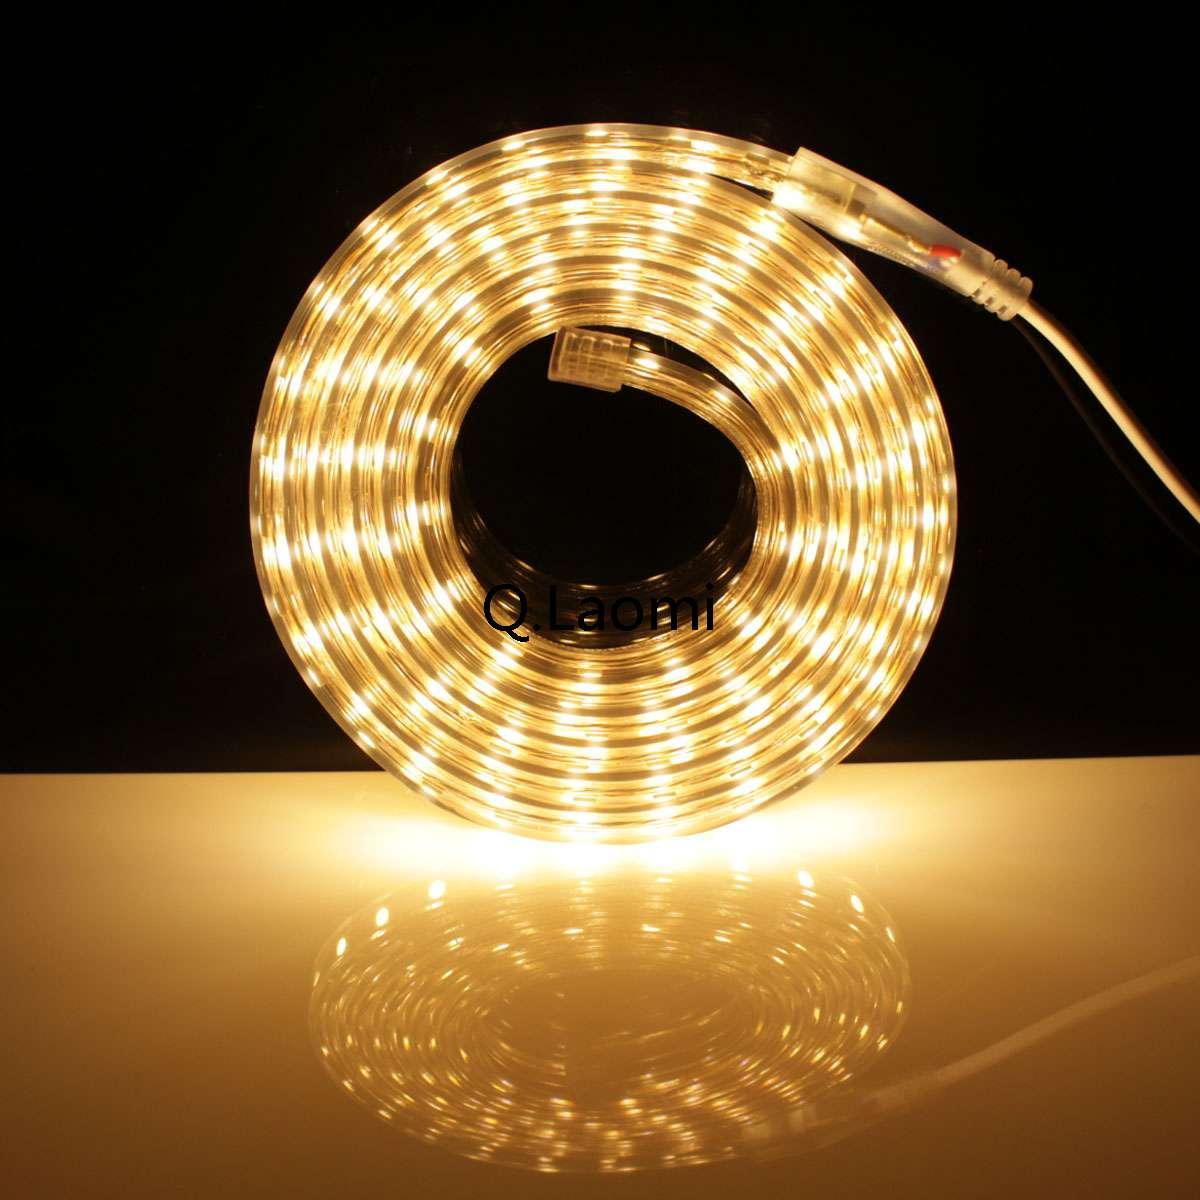 led streifen mit schalter 230v 5050 ip65 lichtband 1m warmwei von q laomi home q laomi. Black Bedroom Furniture Sets. Home Design Ideas